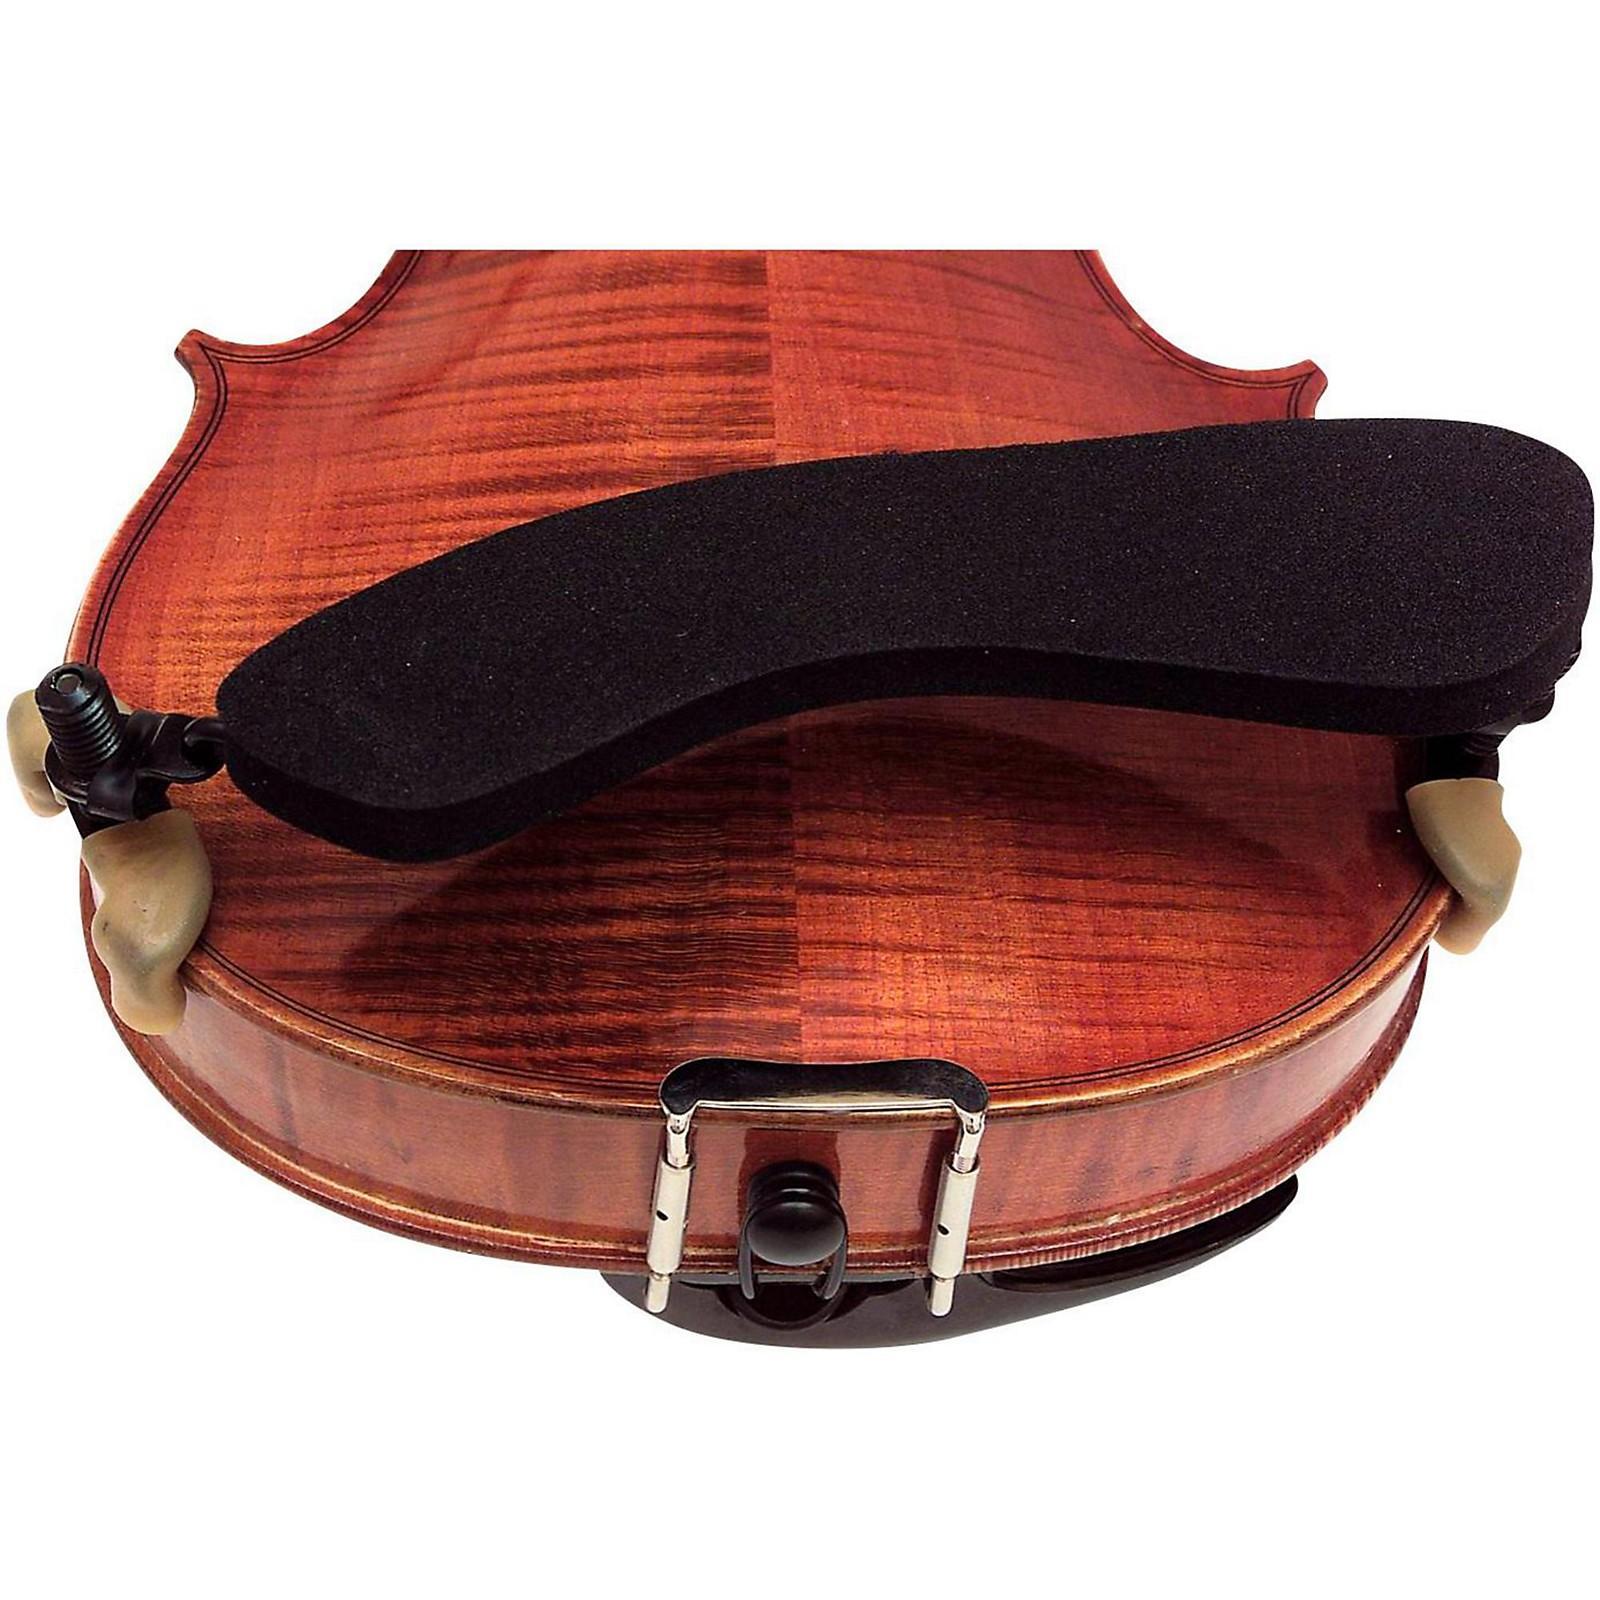 Wolf Forte Secondo Violin Shoulder Rest